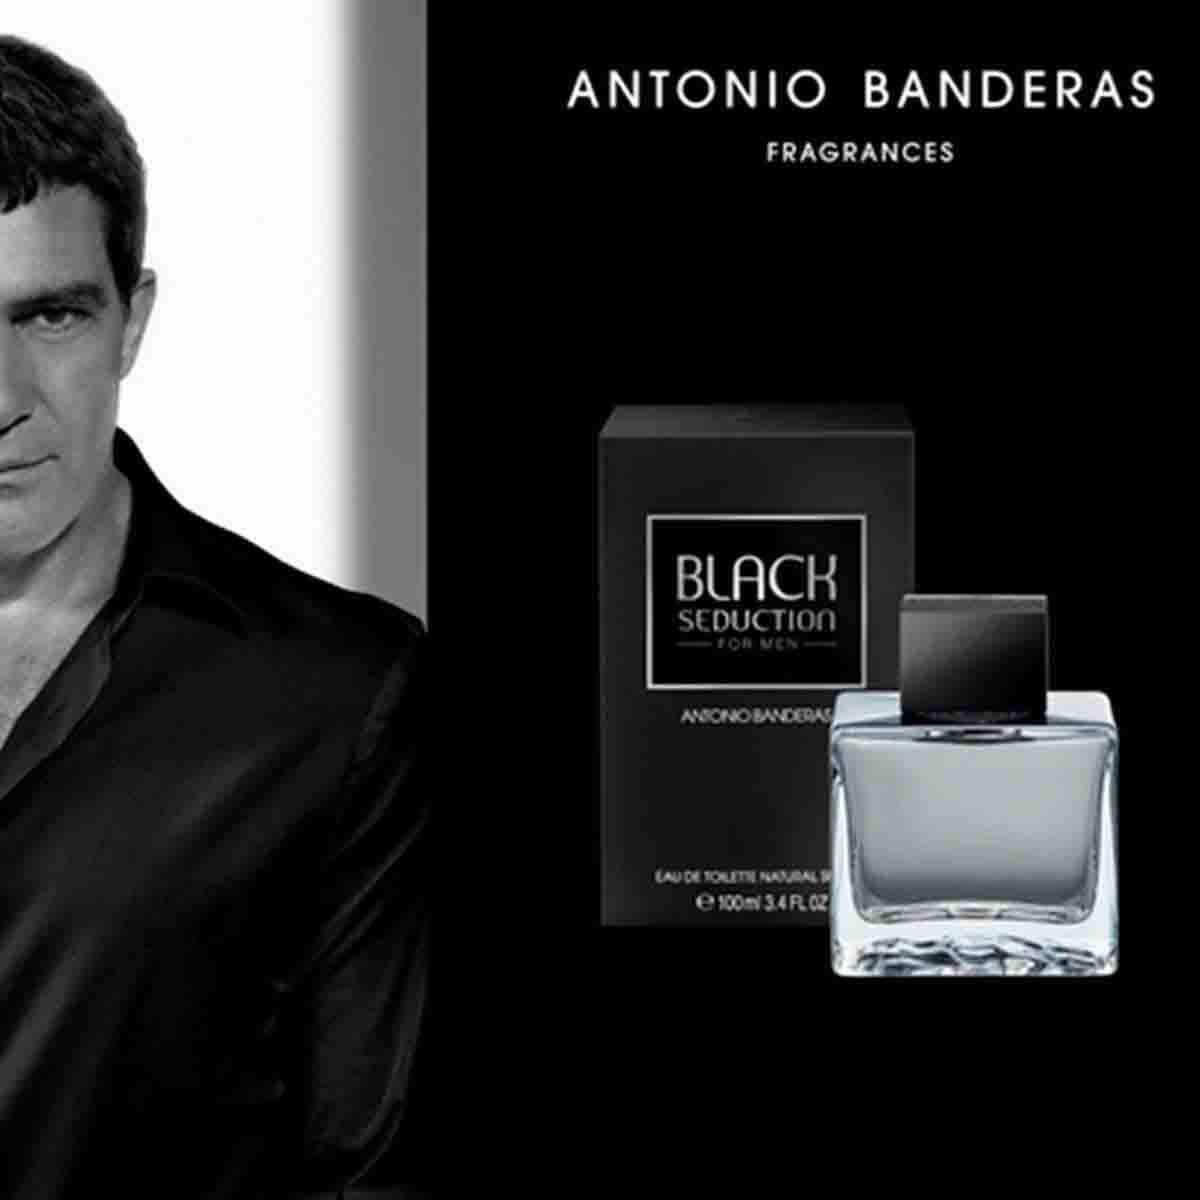 Fragancia para Caballero Antonio Banderas Black Seduction Edt 200 Ml